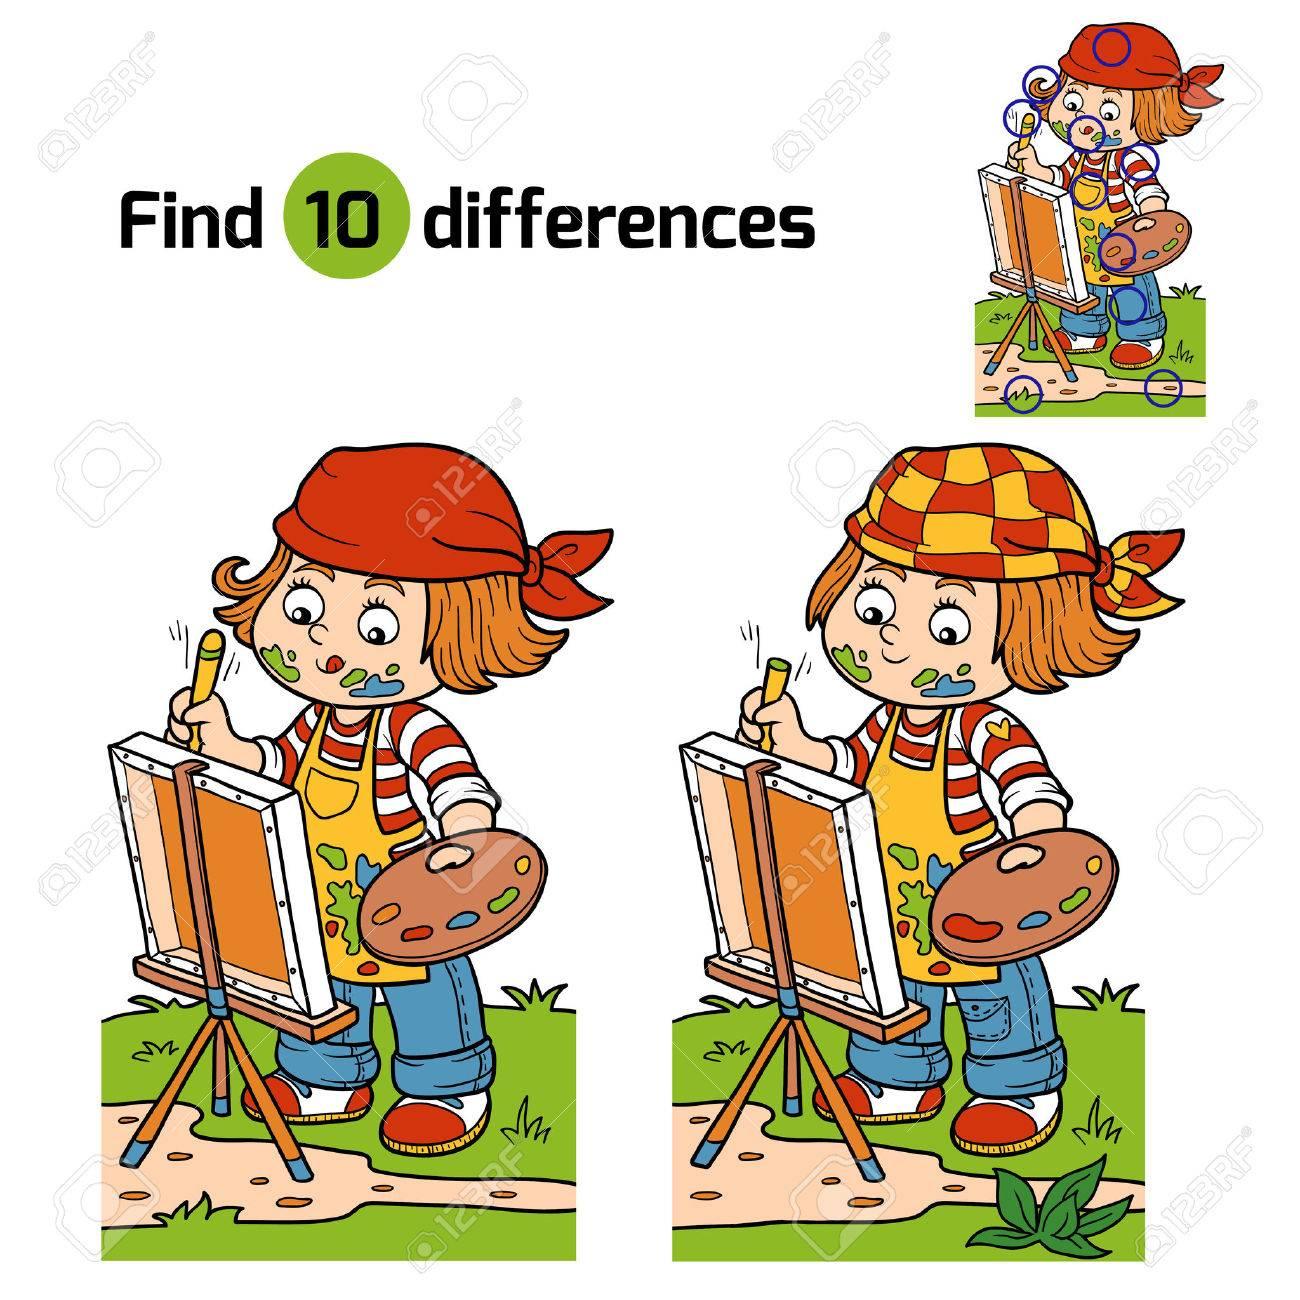 Jeux Pour Les Enfants: Trouver Les Différences (Artiste Fille Appuie Sur La  Nature, Plein Air) serapportantà Jeux De Intelligence De Fille